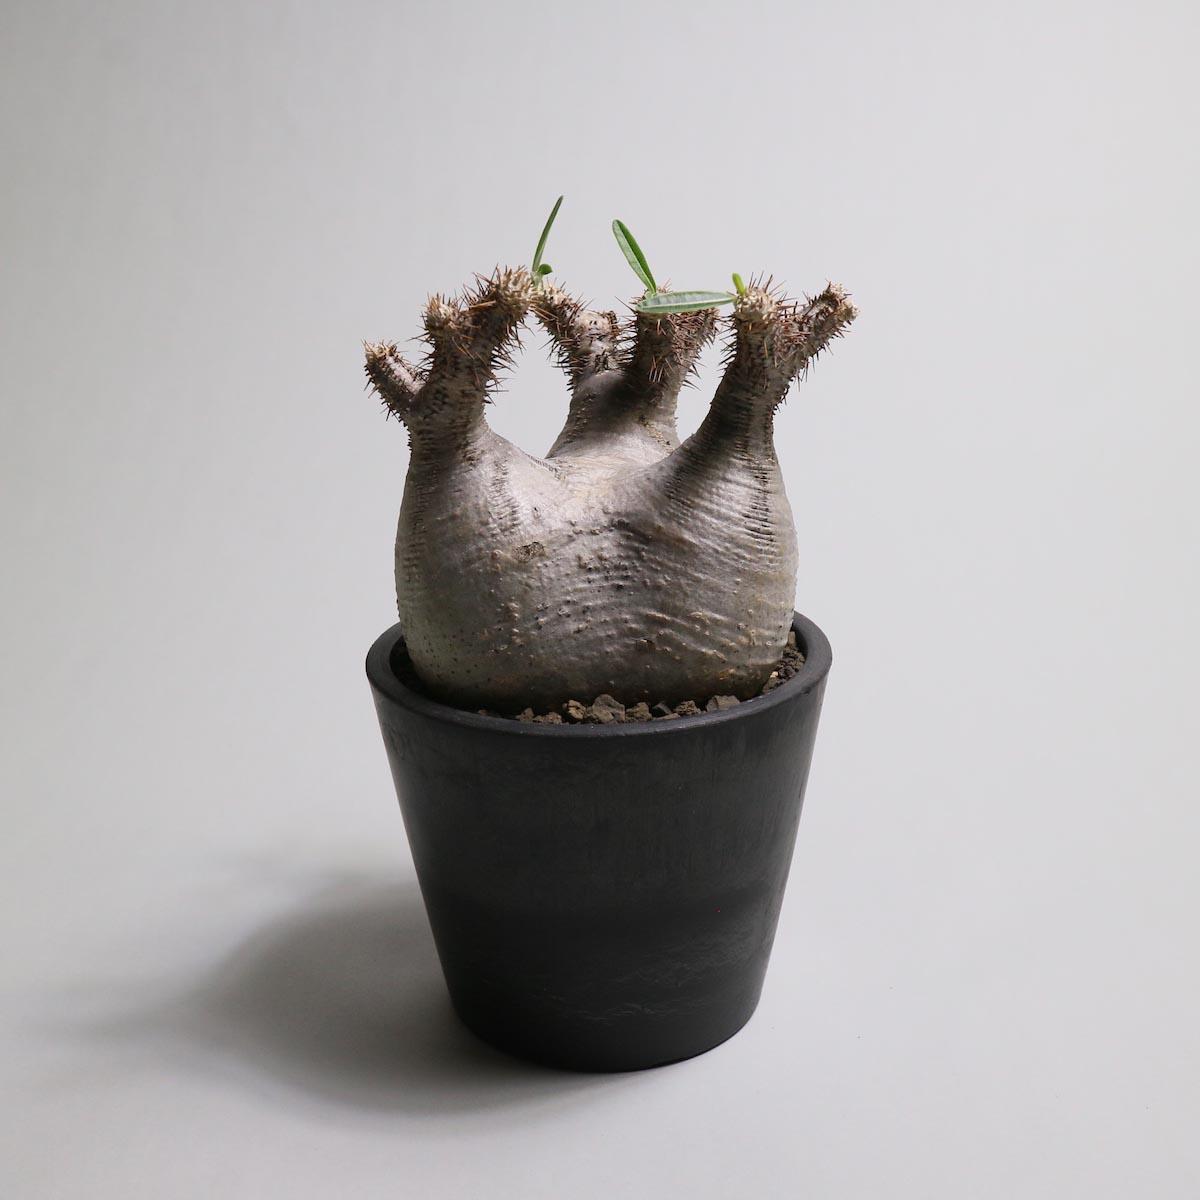 Pachypodium rosulatum var. gracilius 分頭【Botanize】